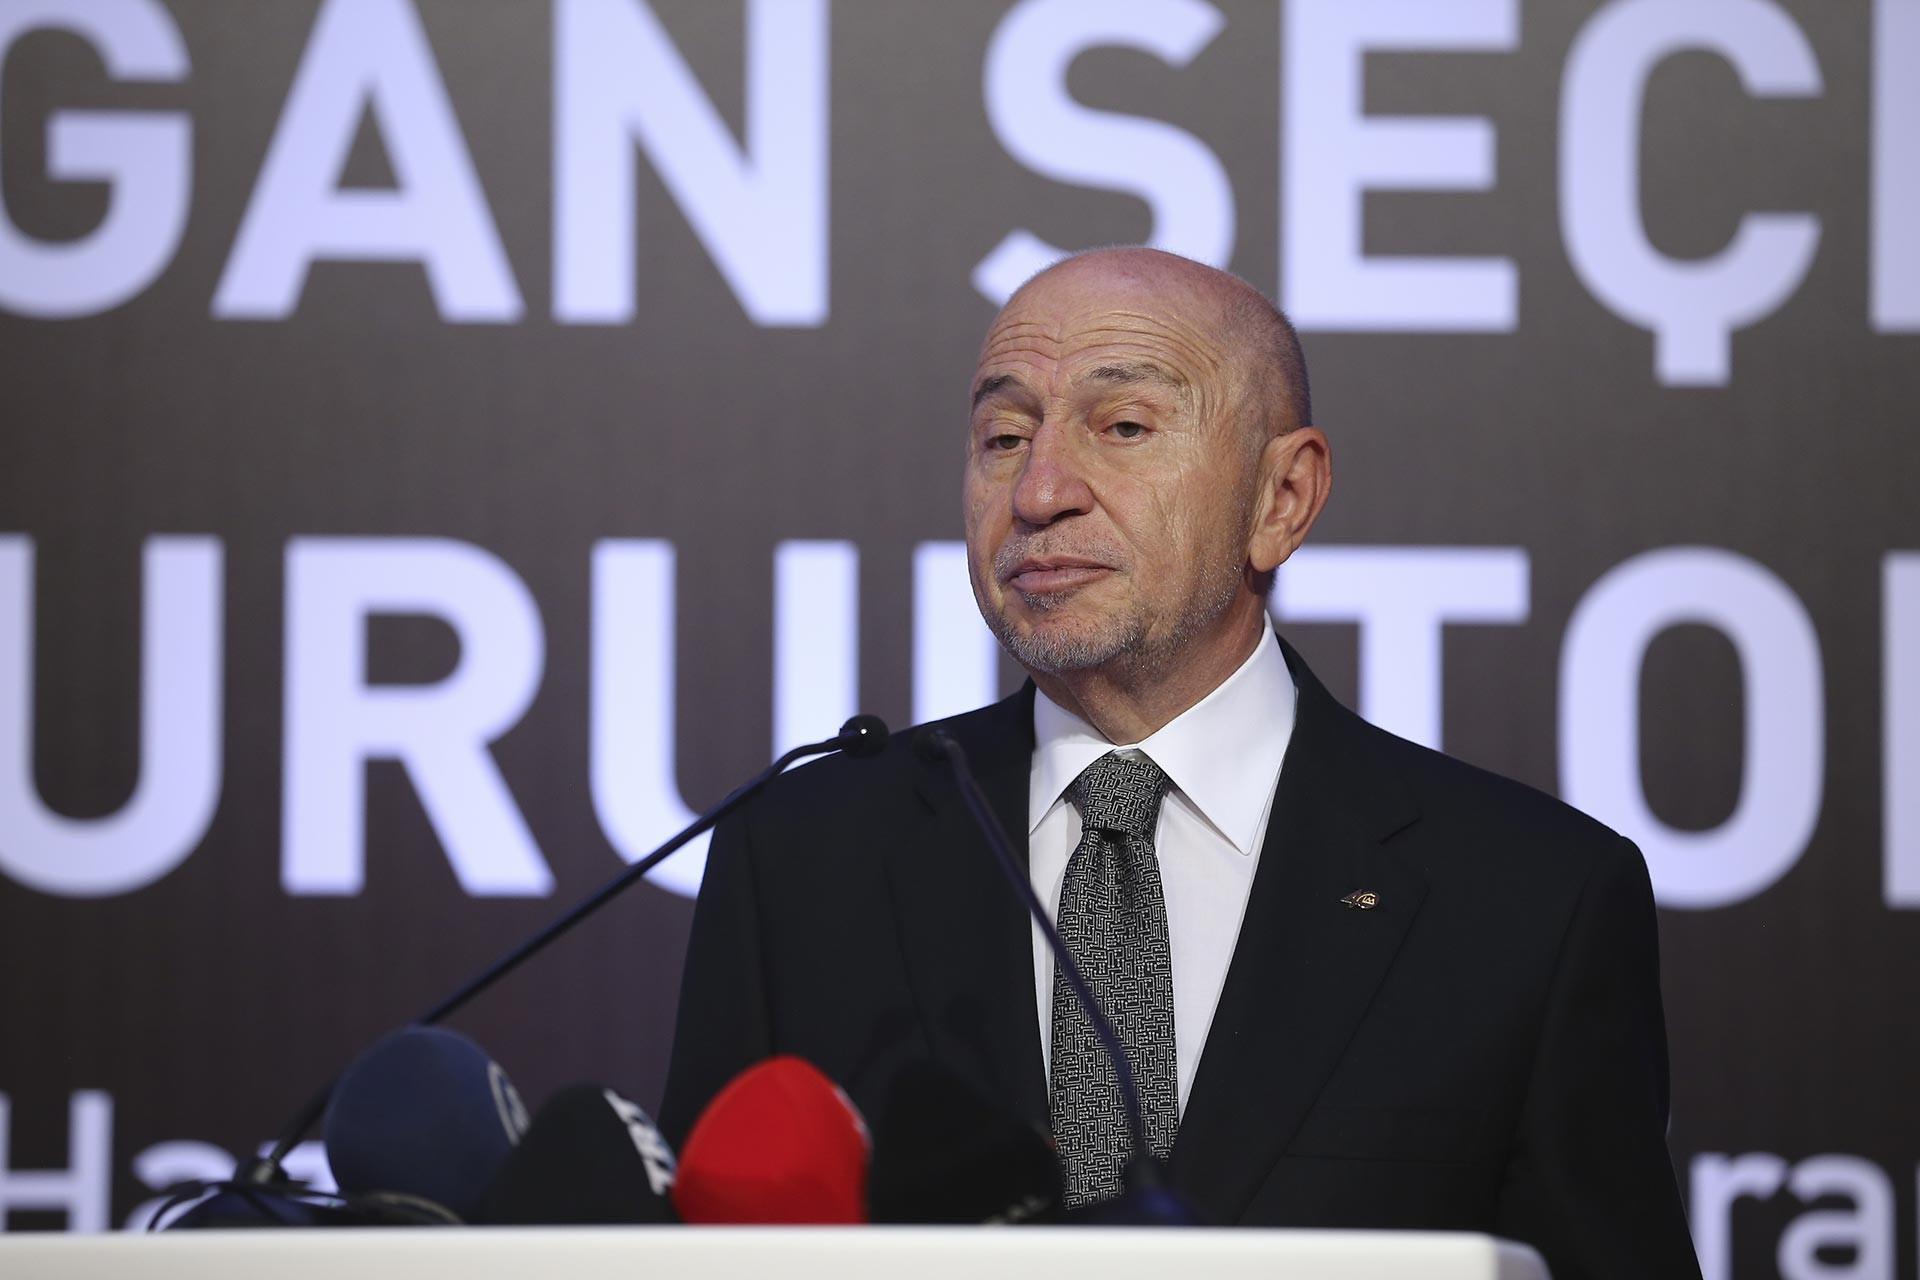 Türkiye Futbol Federasyonunun (TFF) yeni başkanı Nihat Özdemir oldu